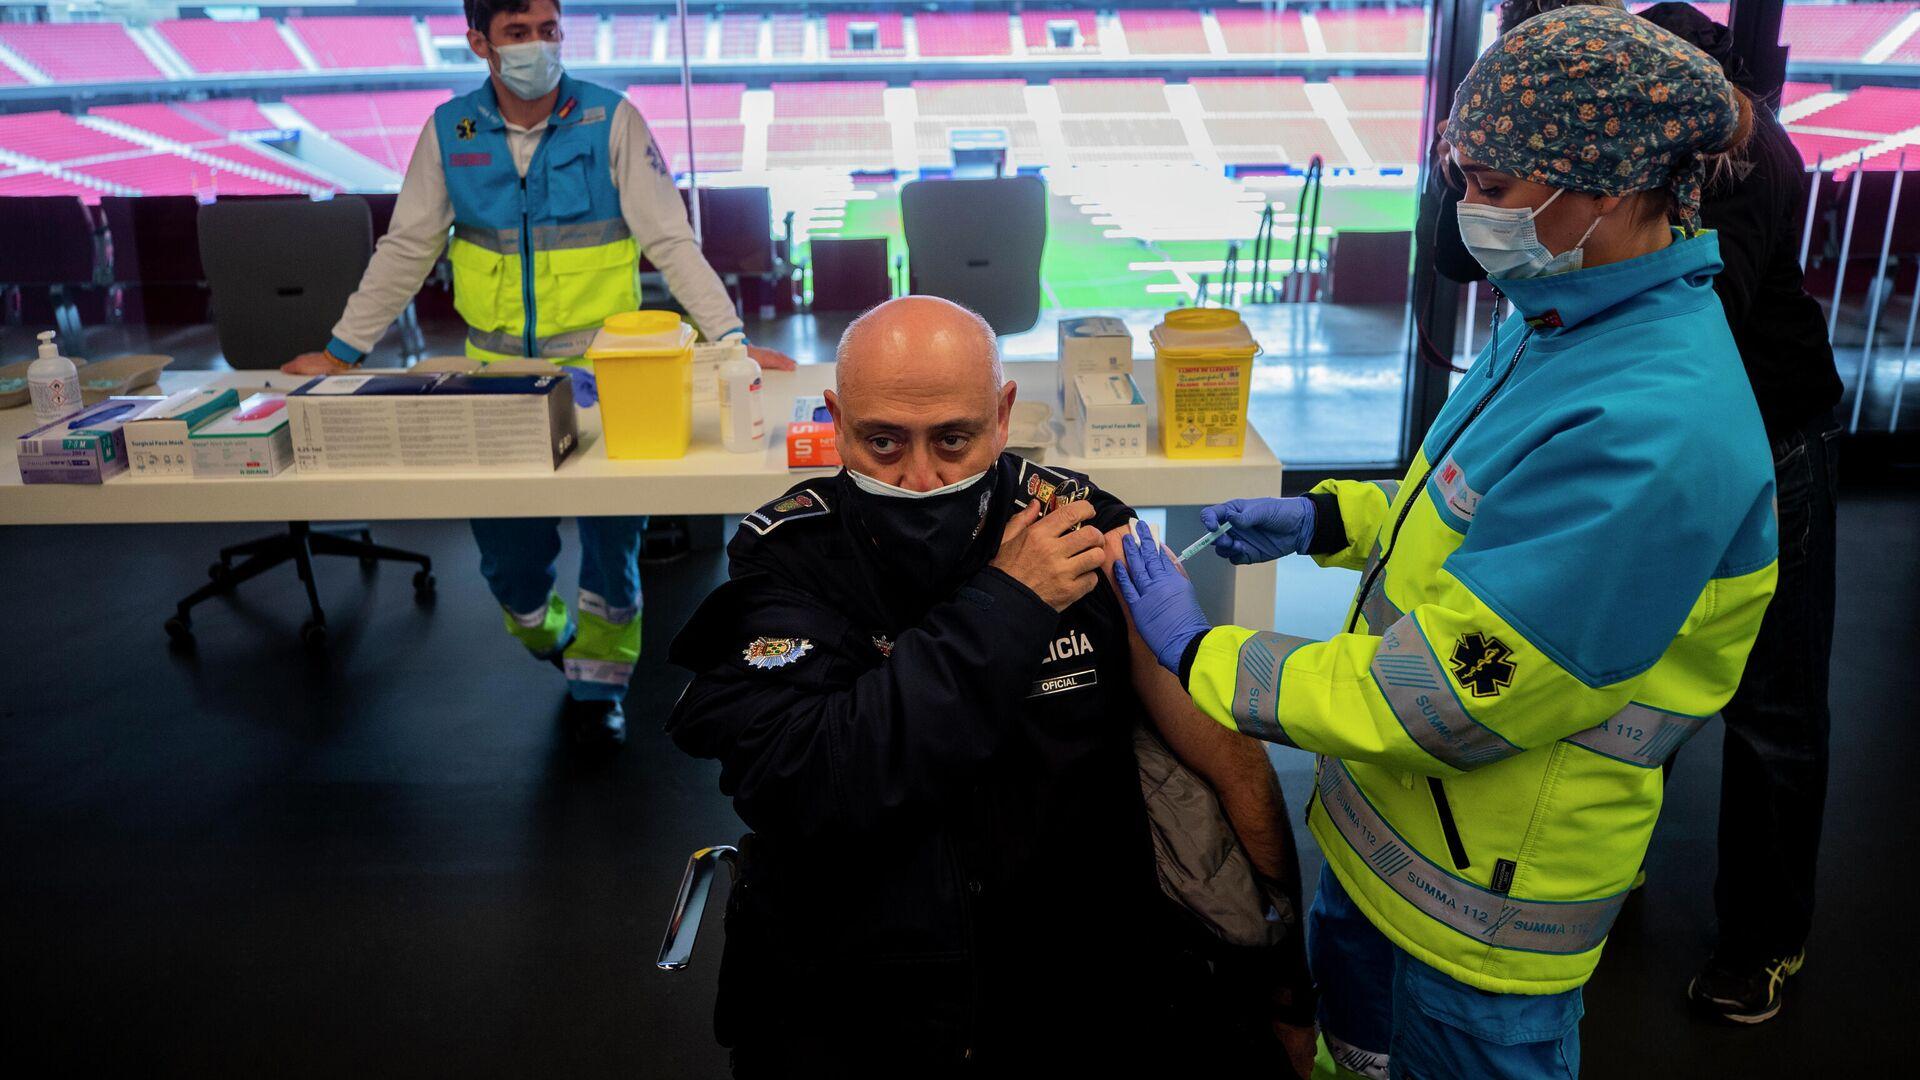 Полицейский во время инъекции вакцины AstraZeneca против COVID-19 в Мадриде - РИА Новости, 1920, 11.03.2021